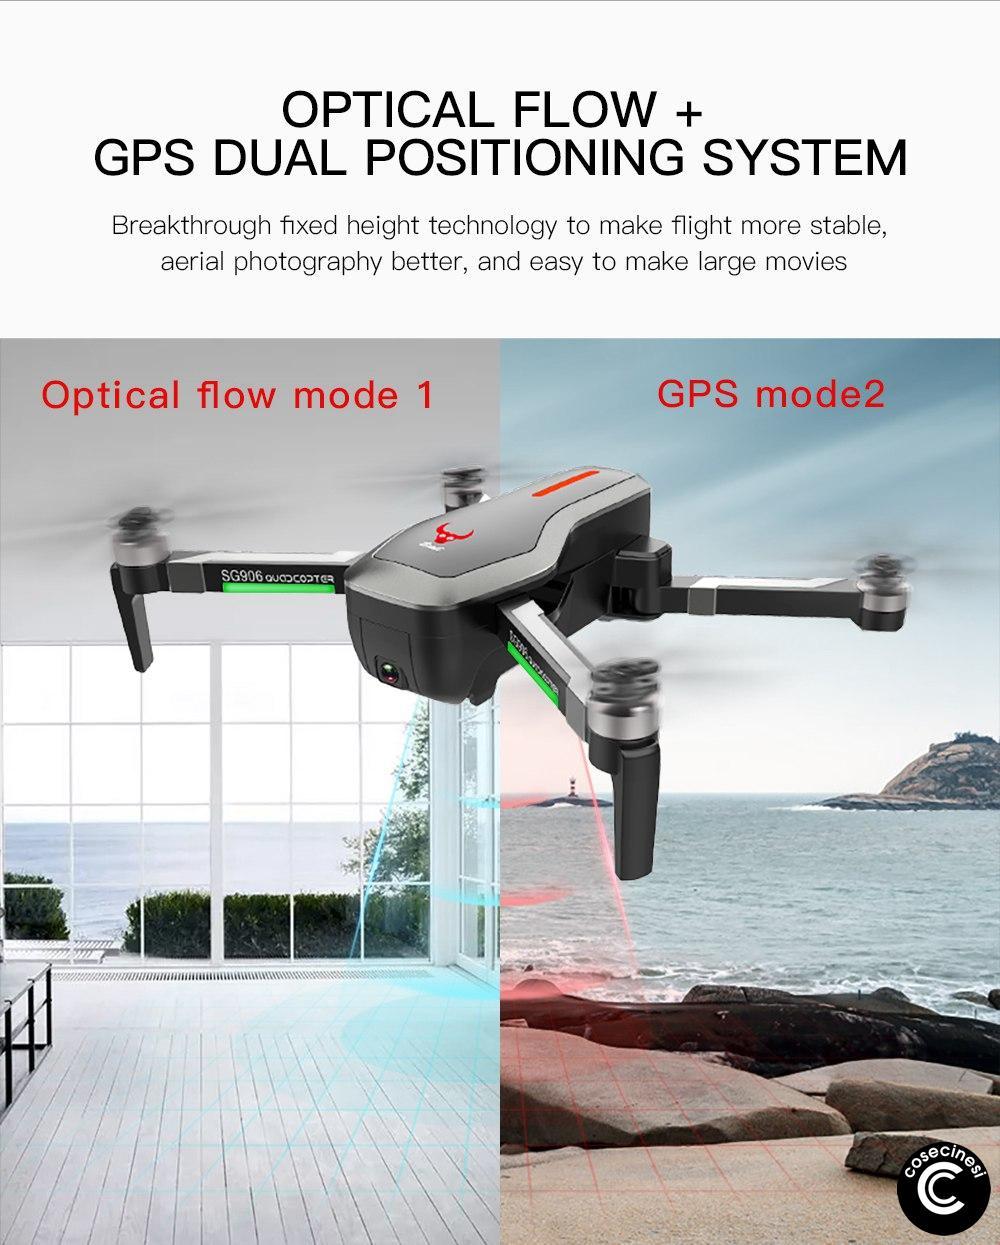 ZLRC-SG906-con GPS e Optical Flow